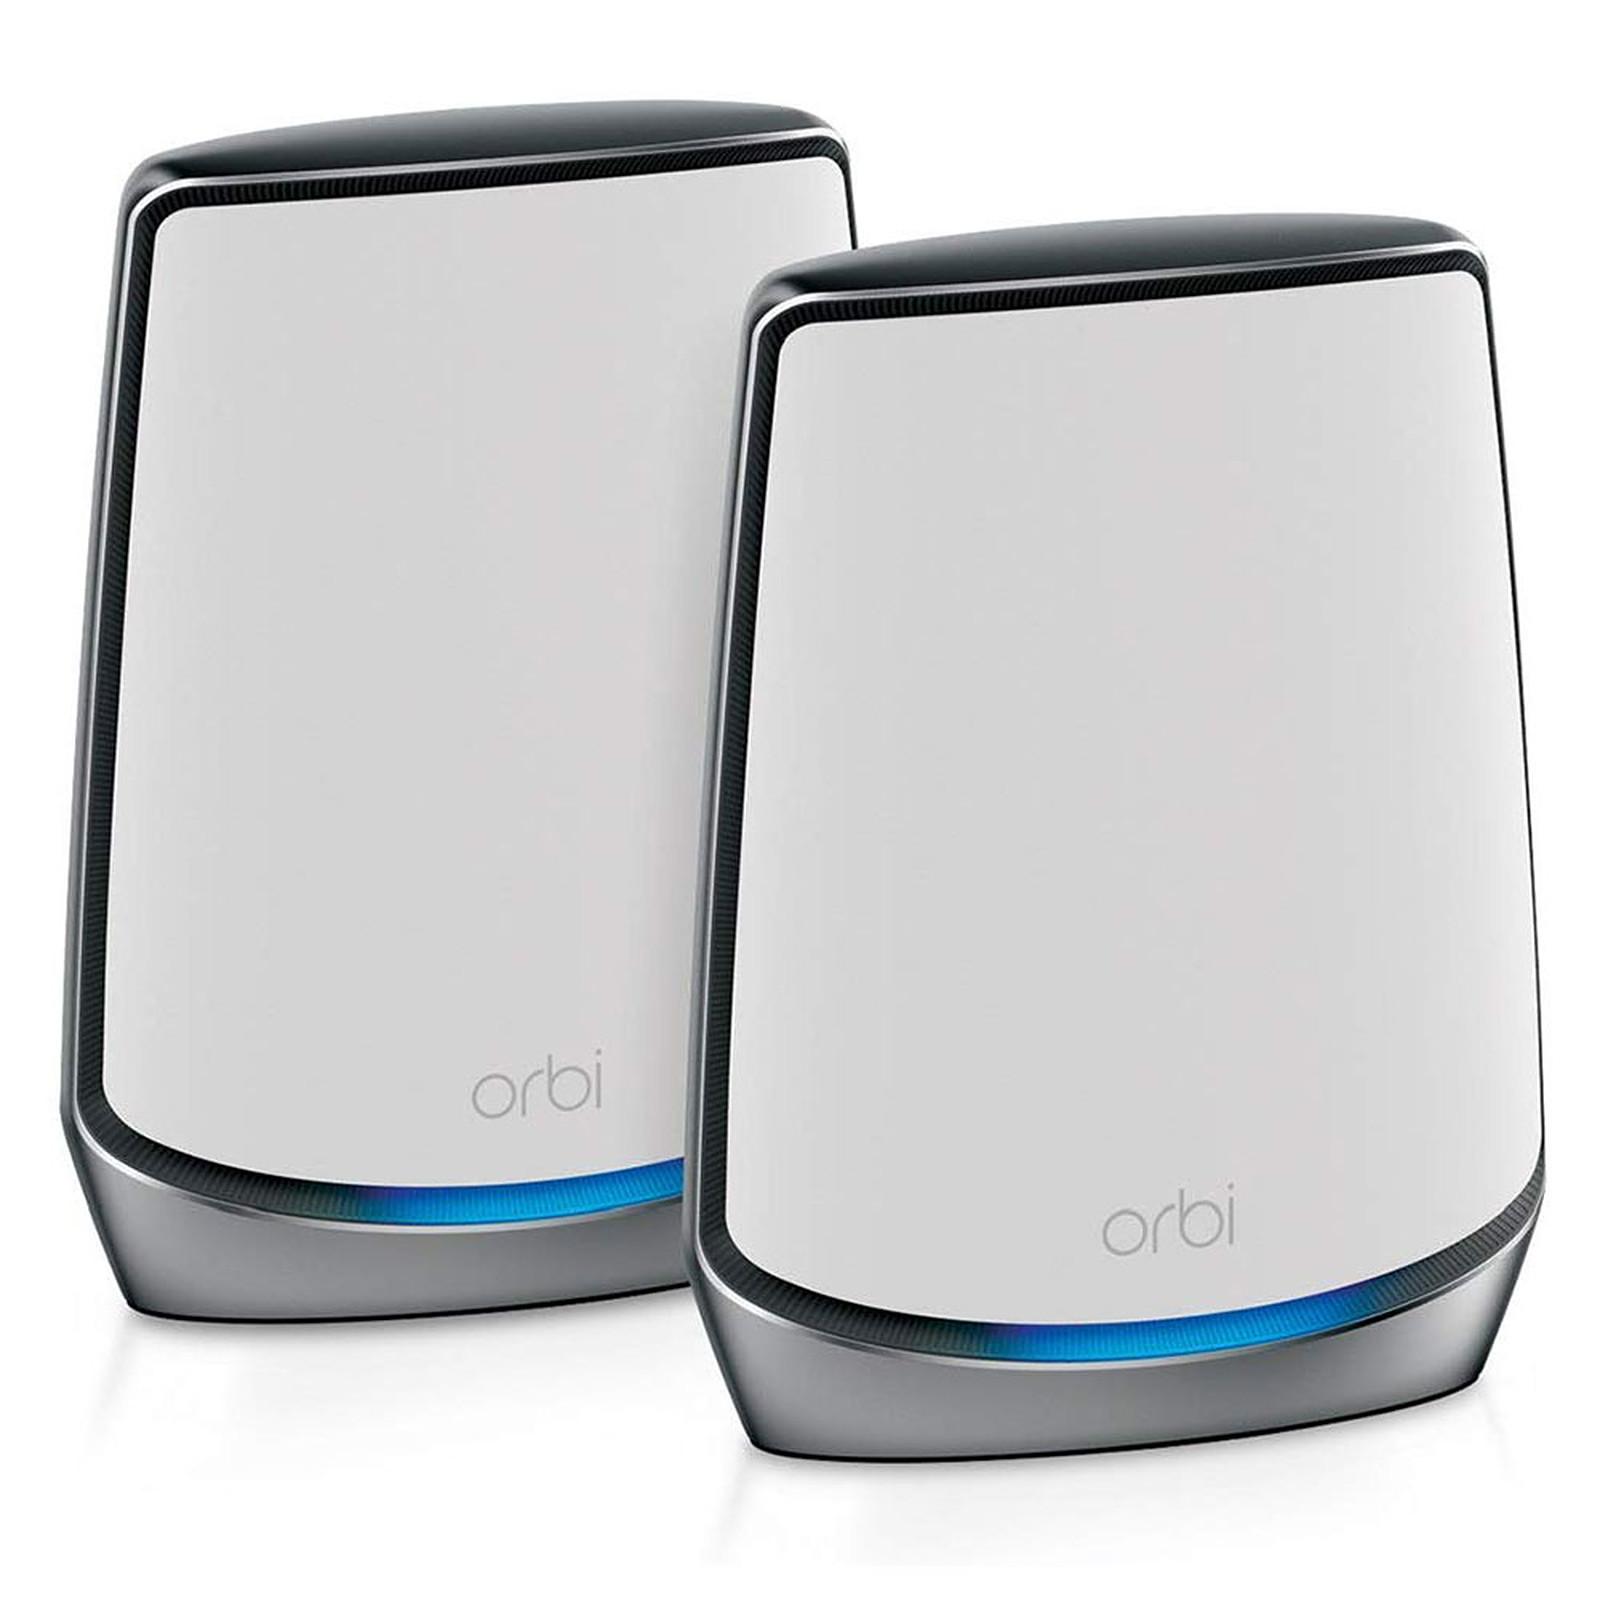 Netgear Orbi WiFi 6 AX6000 routeur + satellite (RBK852)